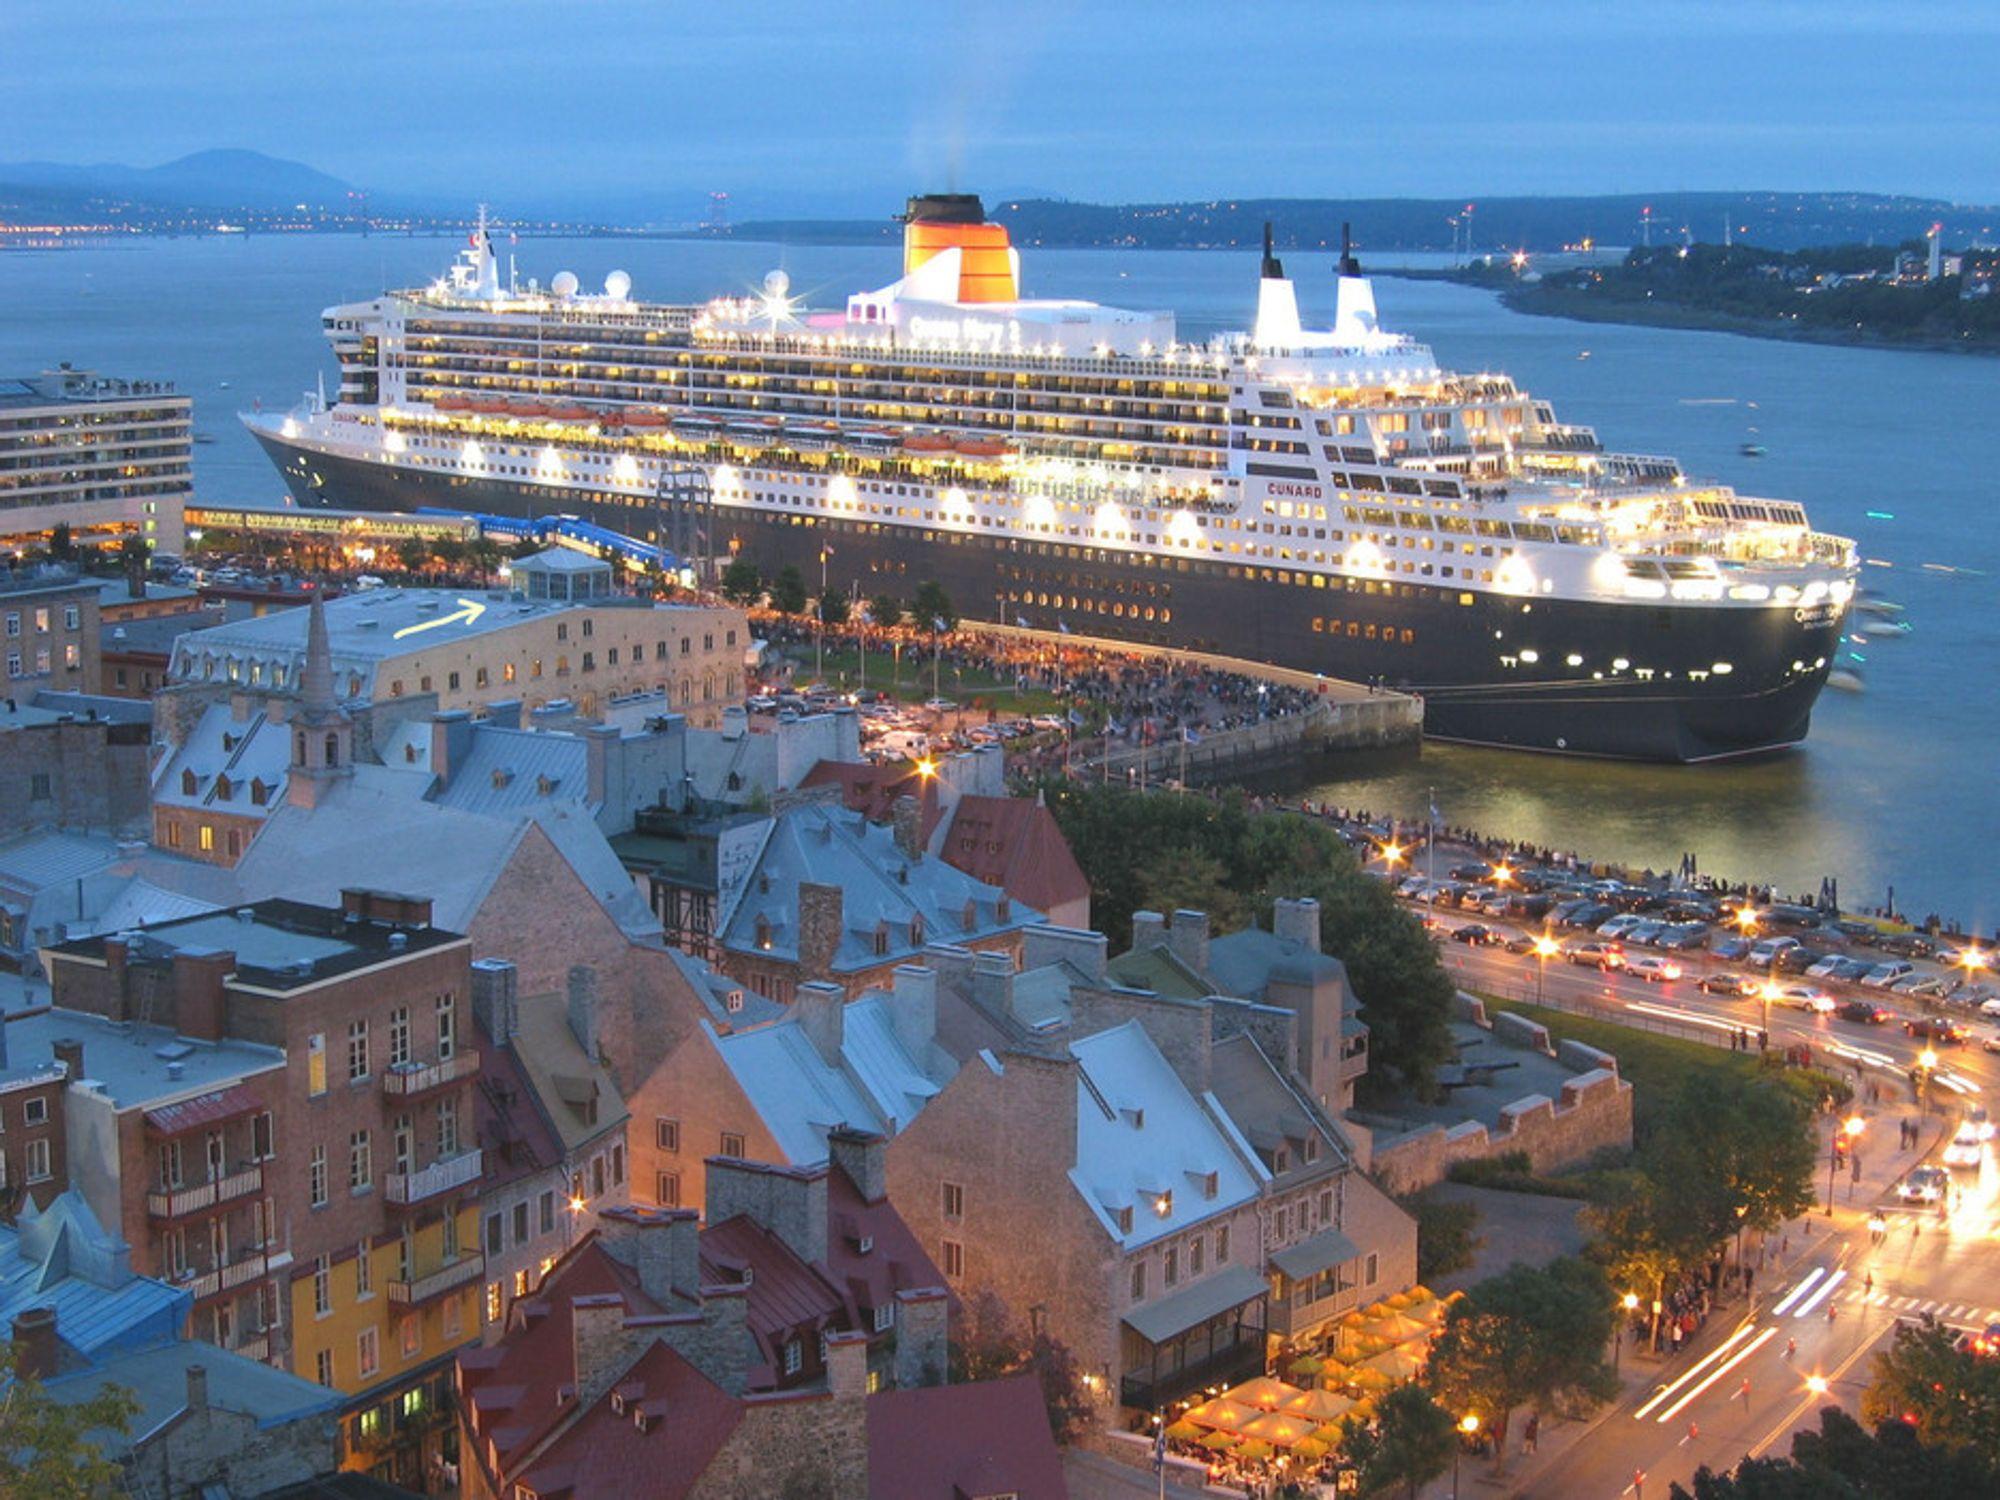 NY MILLIARDKONTRAKT: Queen Mary 2 er bygget ved det franske verftet Saint Nazaire, hvor Aker Yards nå skal bygge nok et cruiseskip for MSC Muisica Class Cruises. Chantiers de l'Atlantique sto bak Queen Mary II.